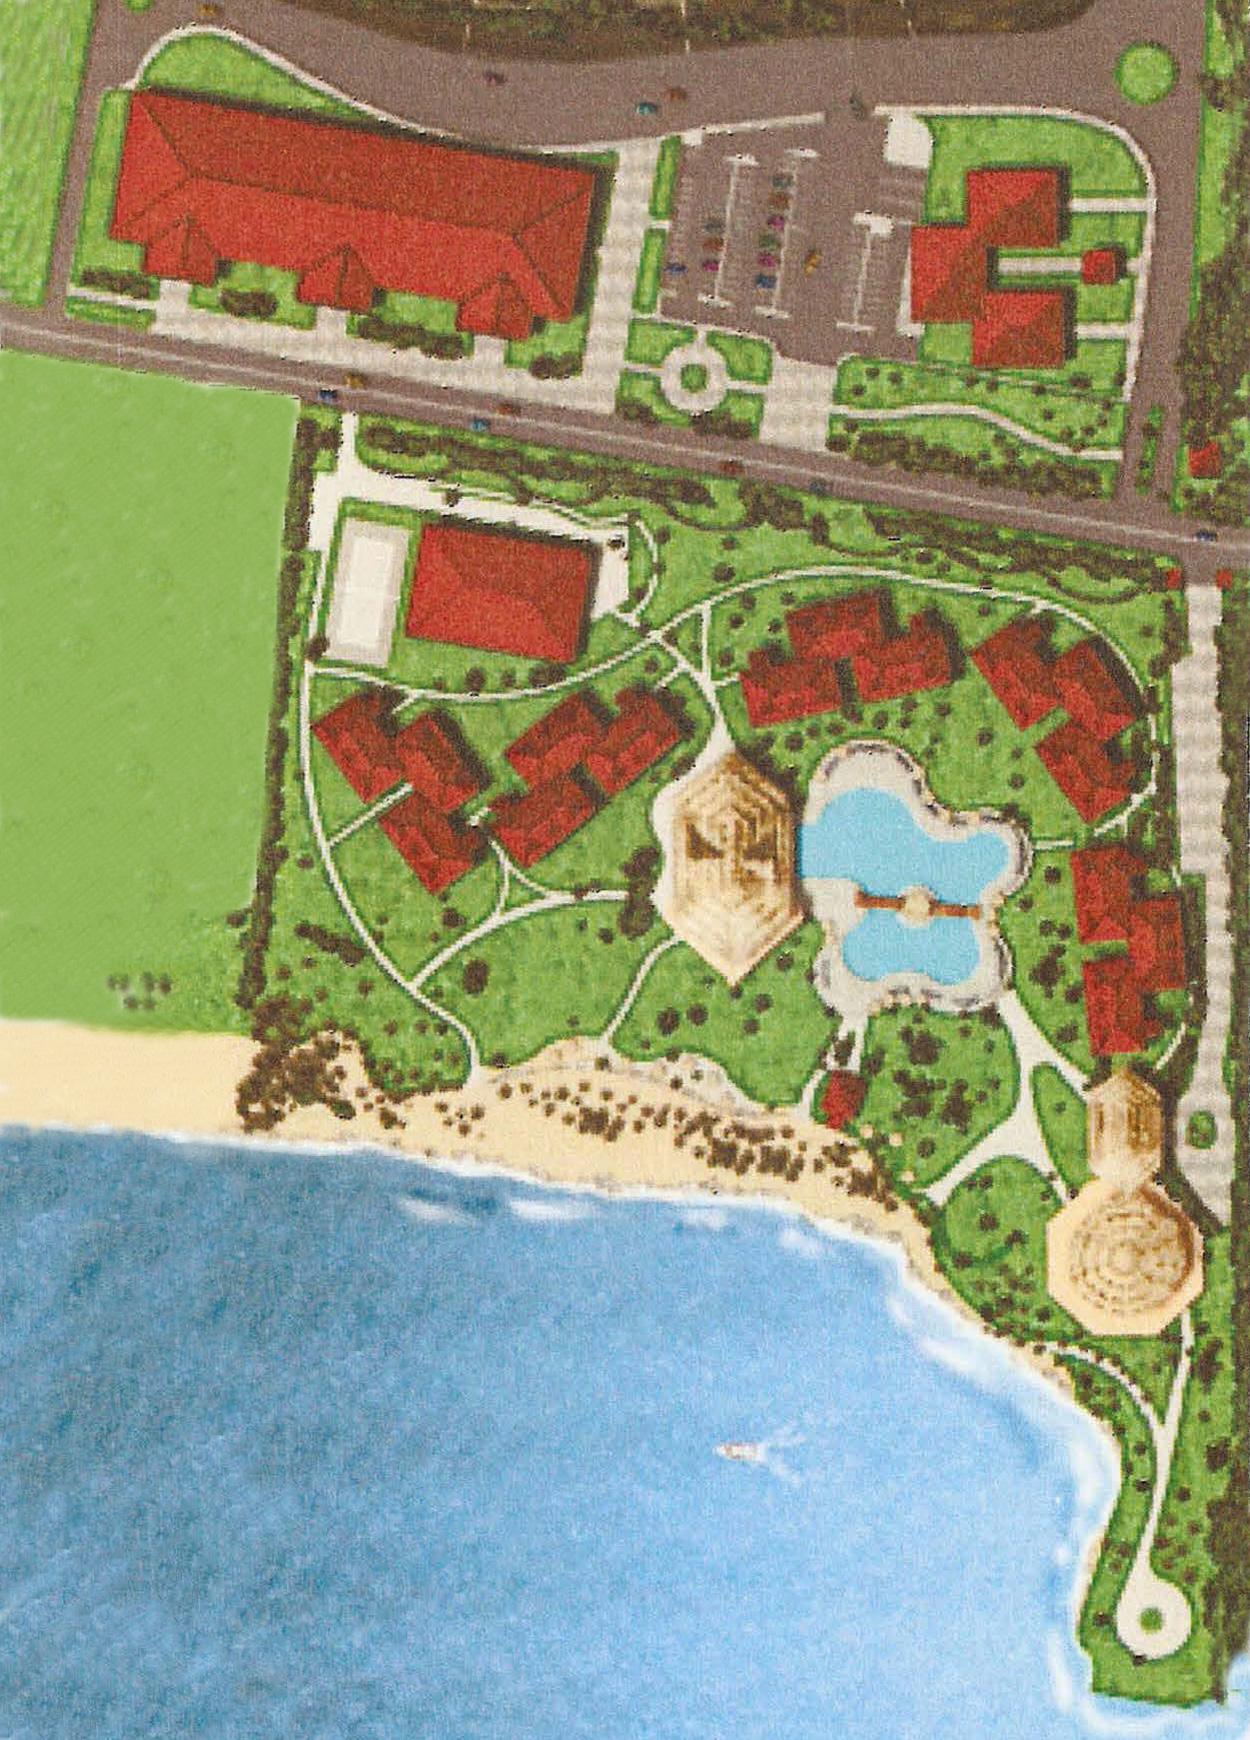 rio-los-cocos-site-rendering